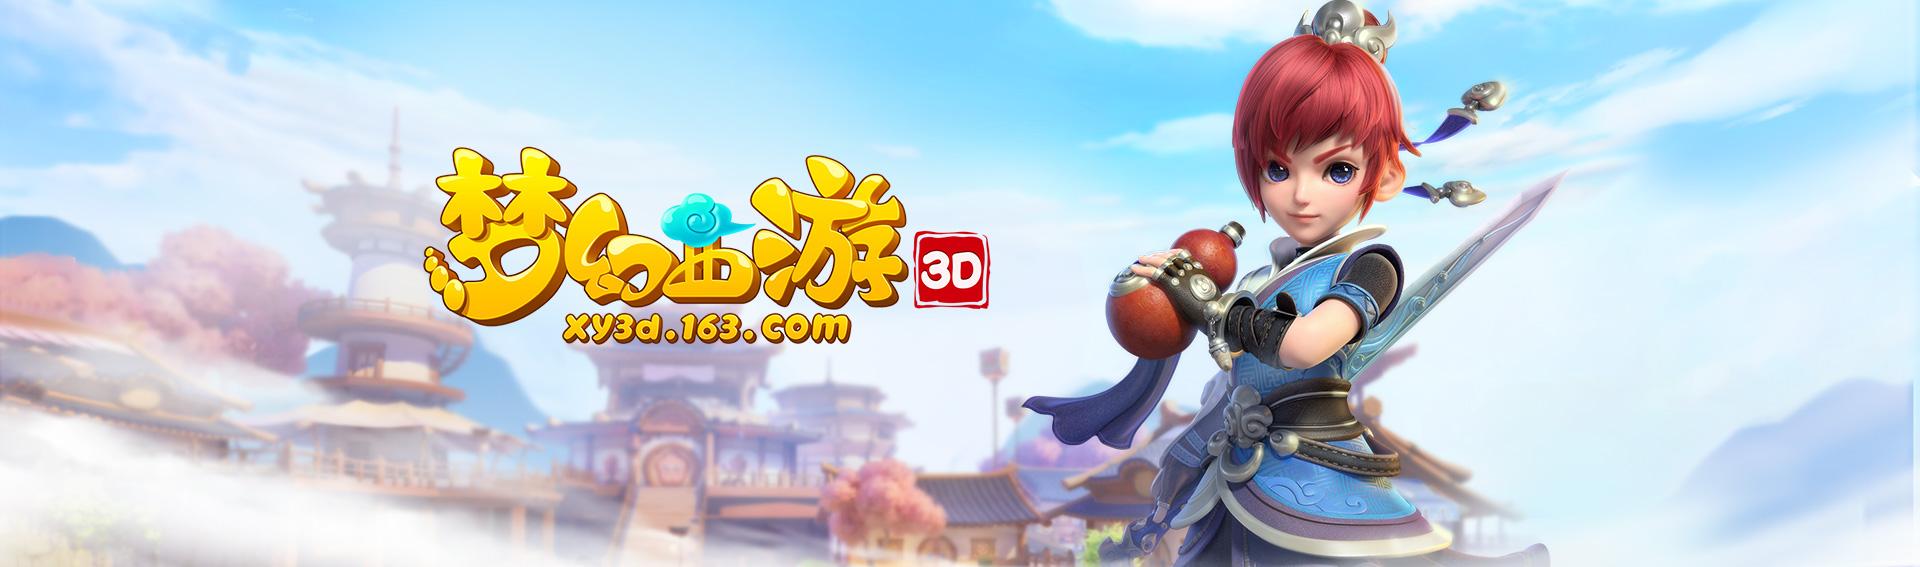 爱梦如初 追梦不止 《梦幻西游3D》玩家时刻放送